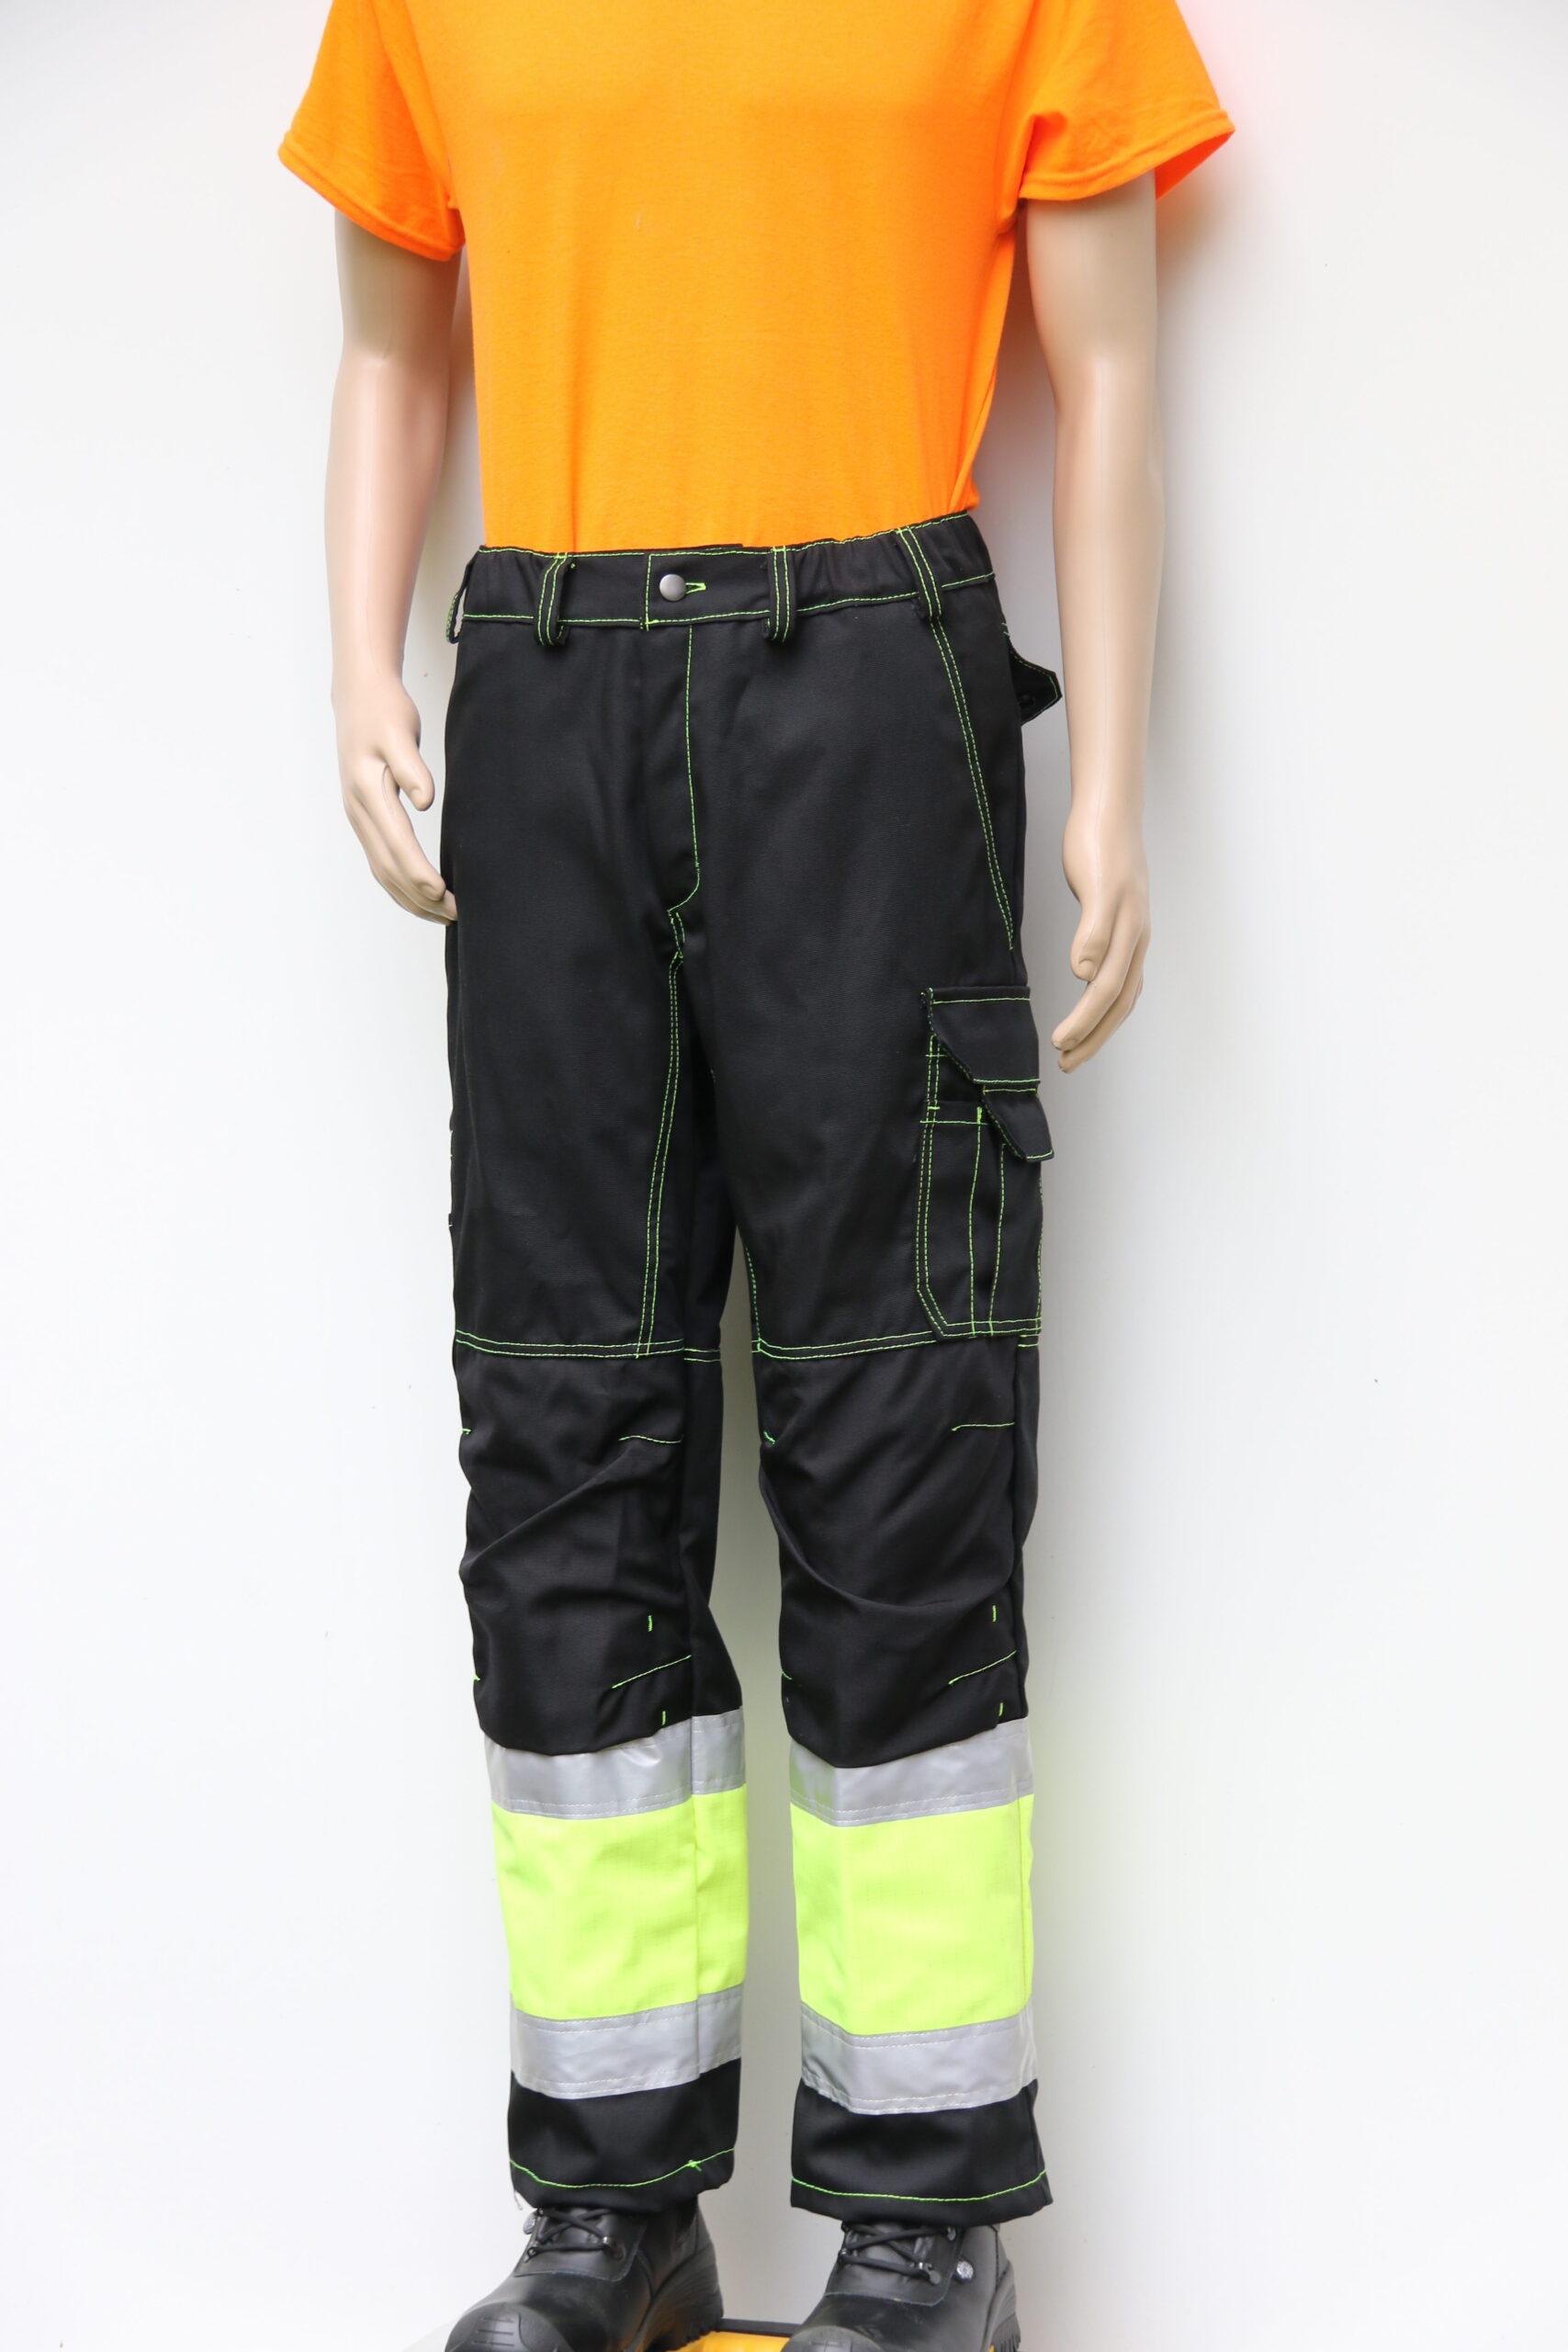 Multinorm sädemekindlad püksid FLAM 11